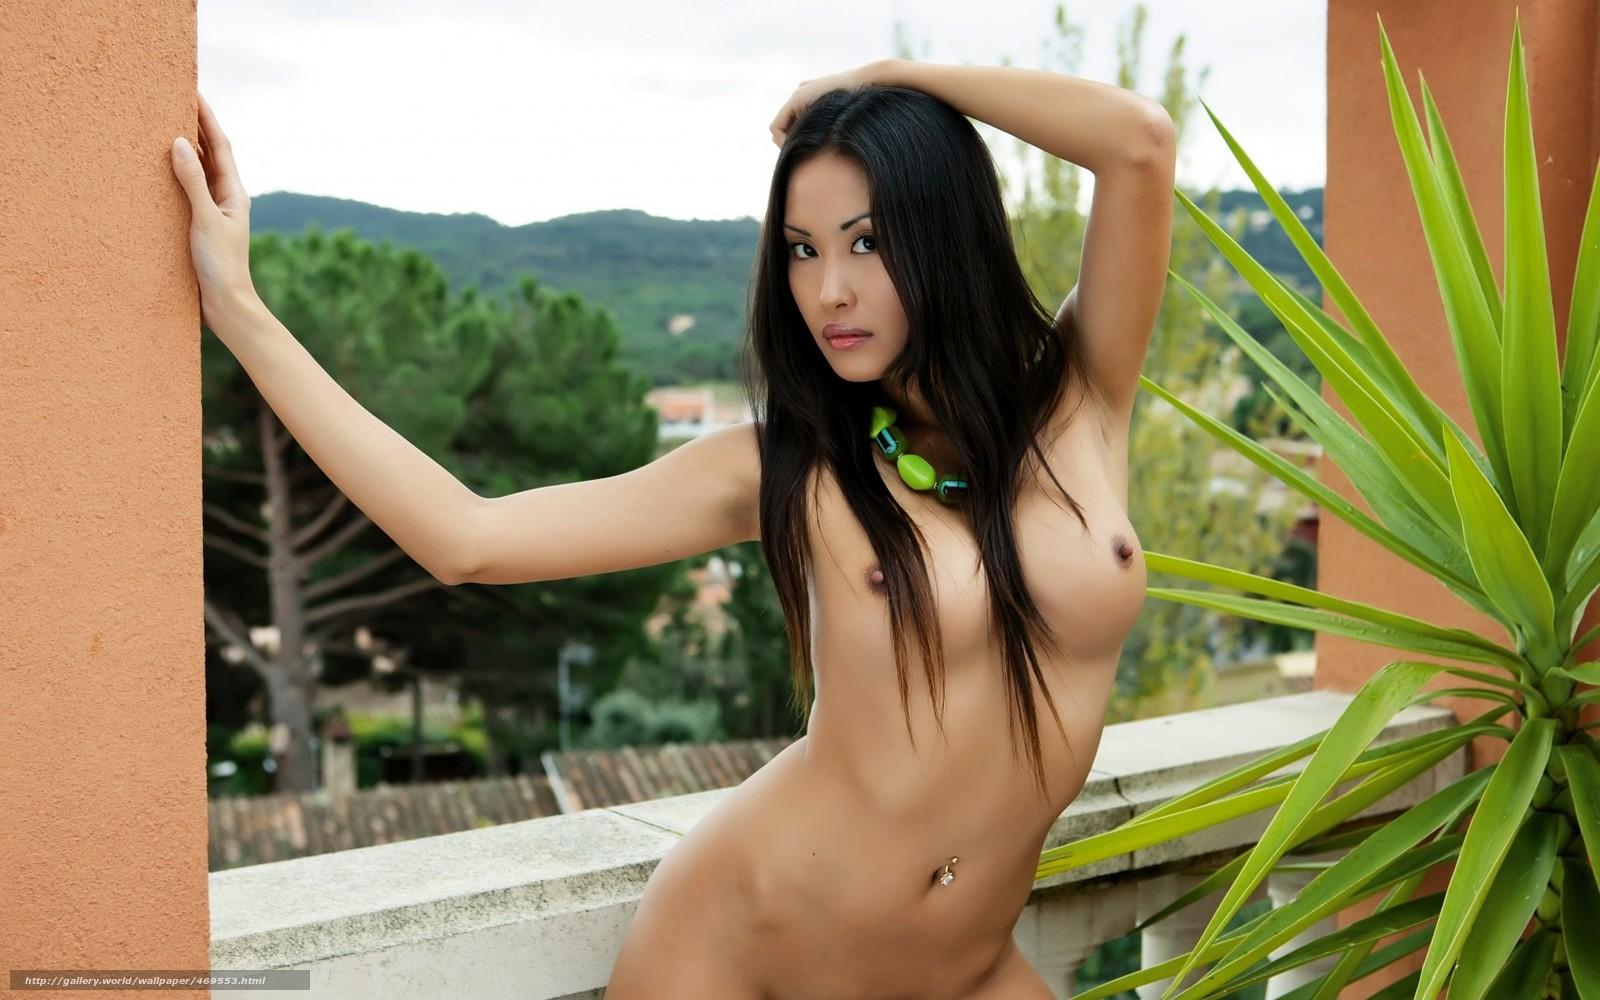 Фото эротики азиатских девушек 18 фотография